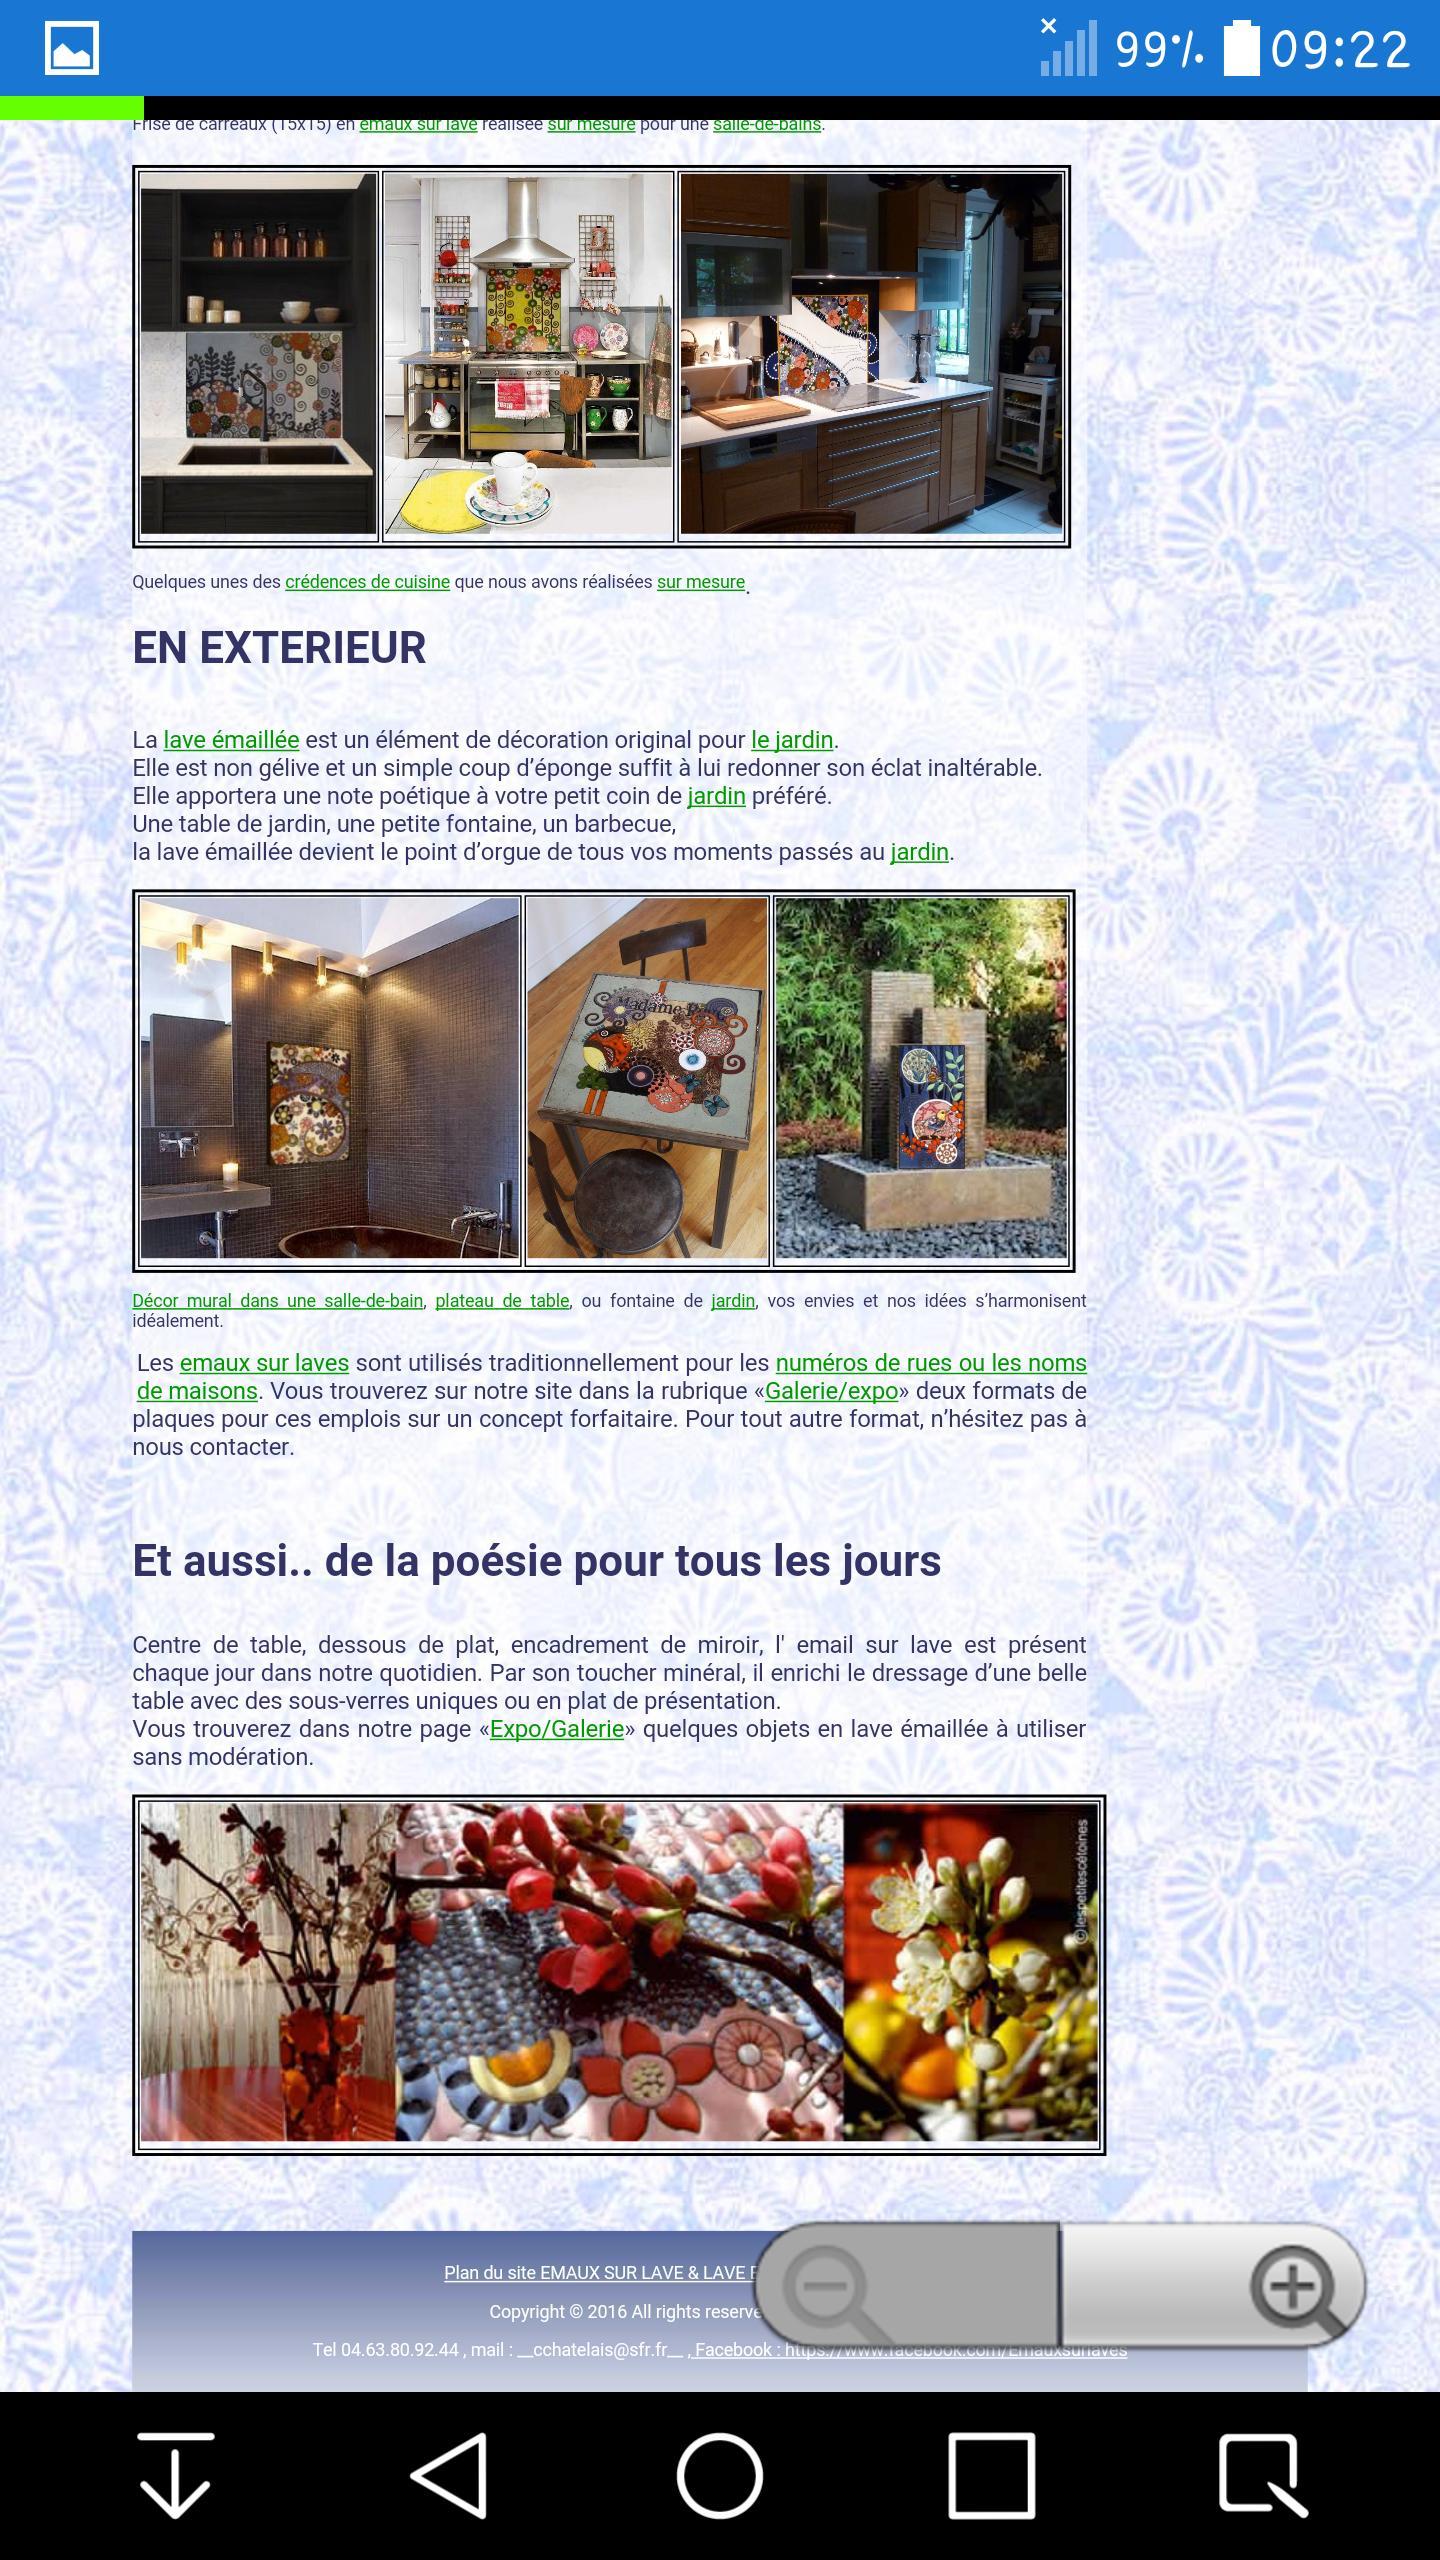 Lave Emaillee Les Ptit Cetoine For Android - Apk Download intérieur Site Pour Tout Petit